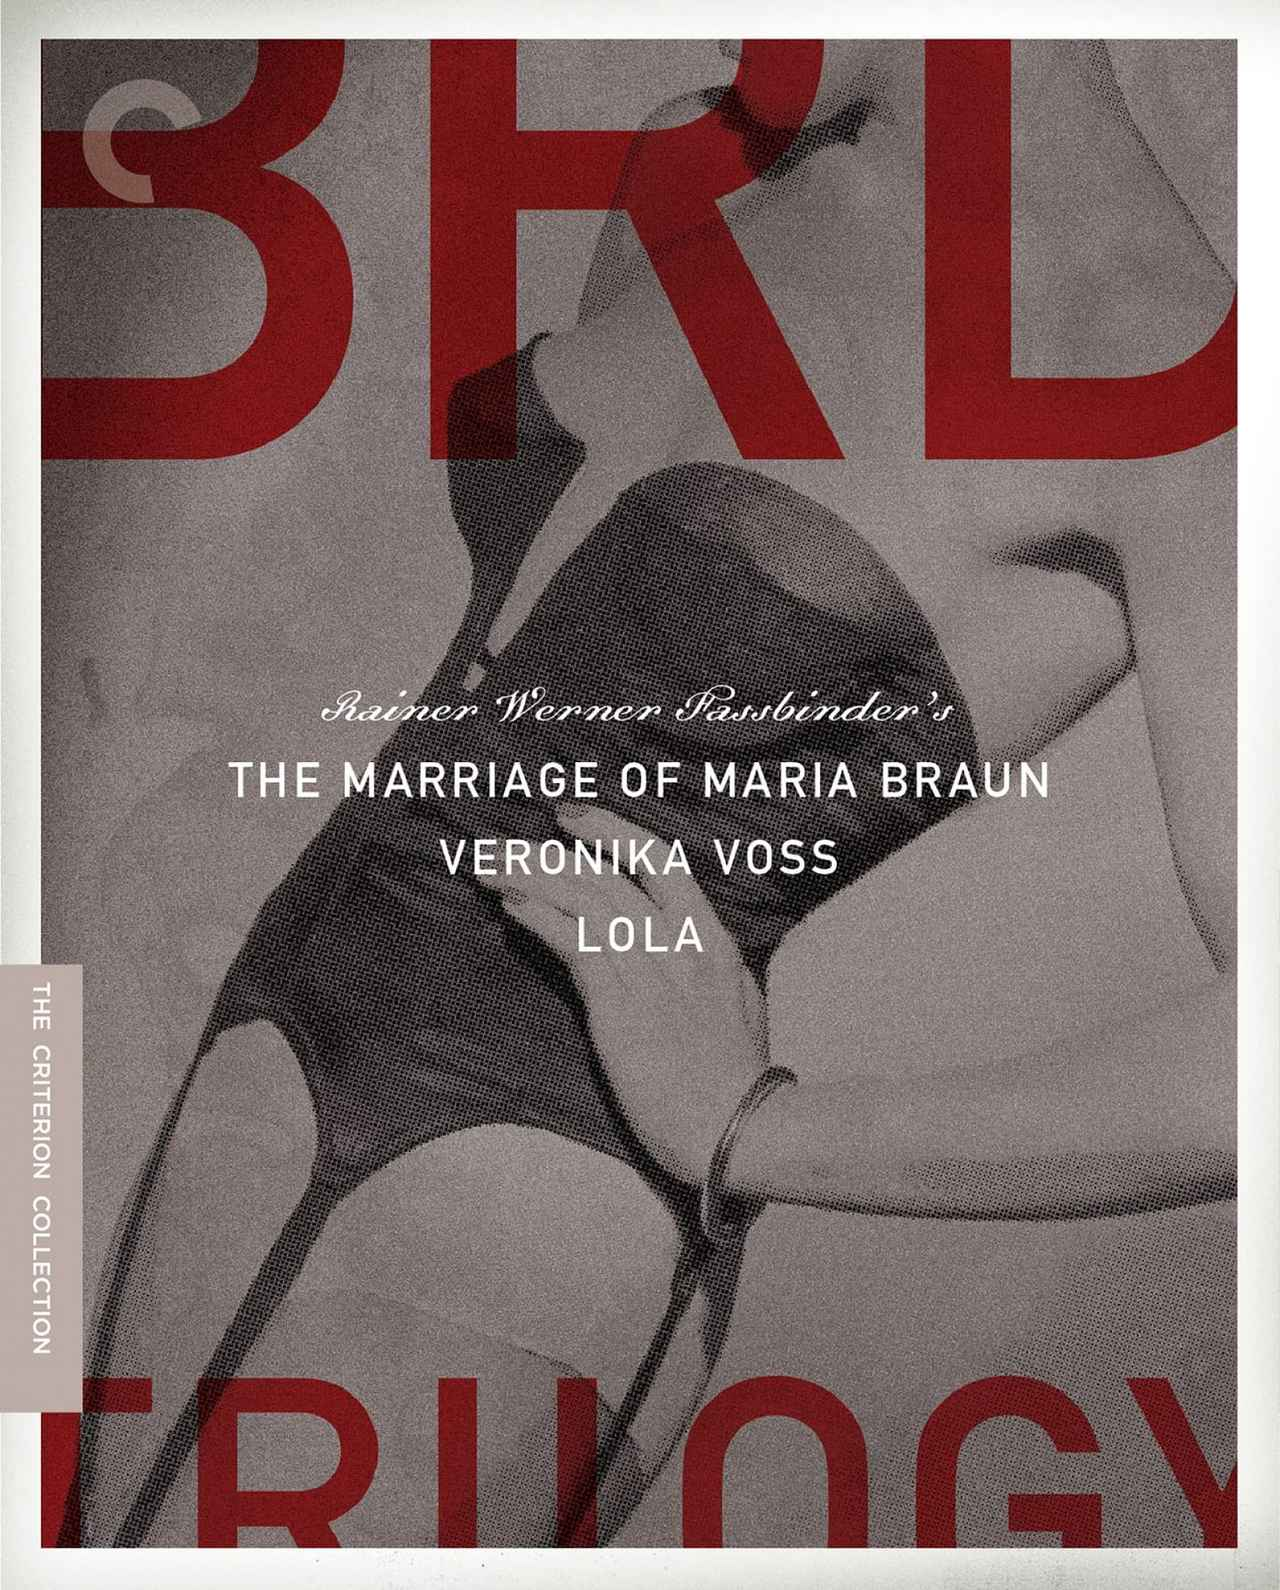 画像1: ライナー・ヴェルナー・ファスビンダー監督作 西ドイツ三部作『マリア・ブラウンの結婚』『ベロニカ・フォスのあこがれ』『ローラ』【クライテリオンNEWリリース】